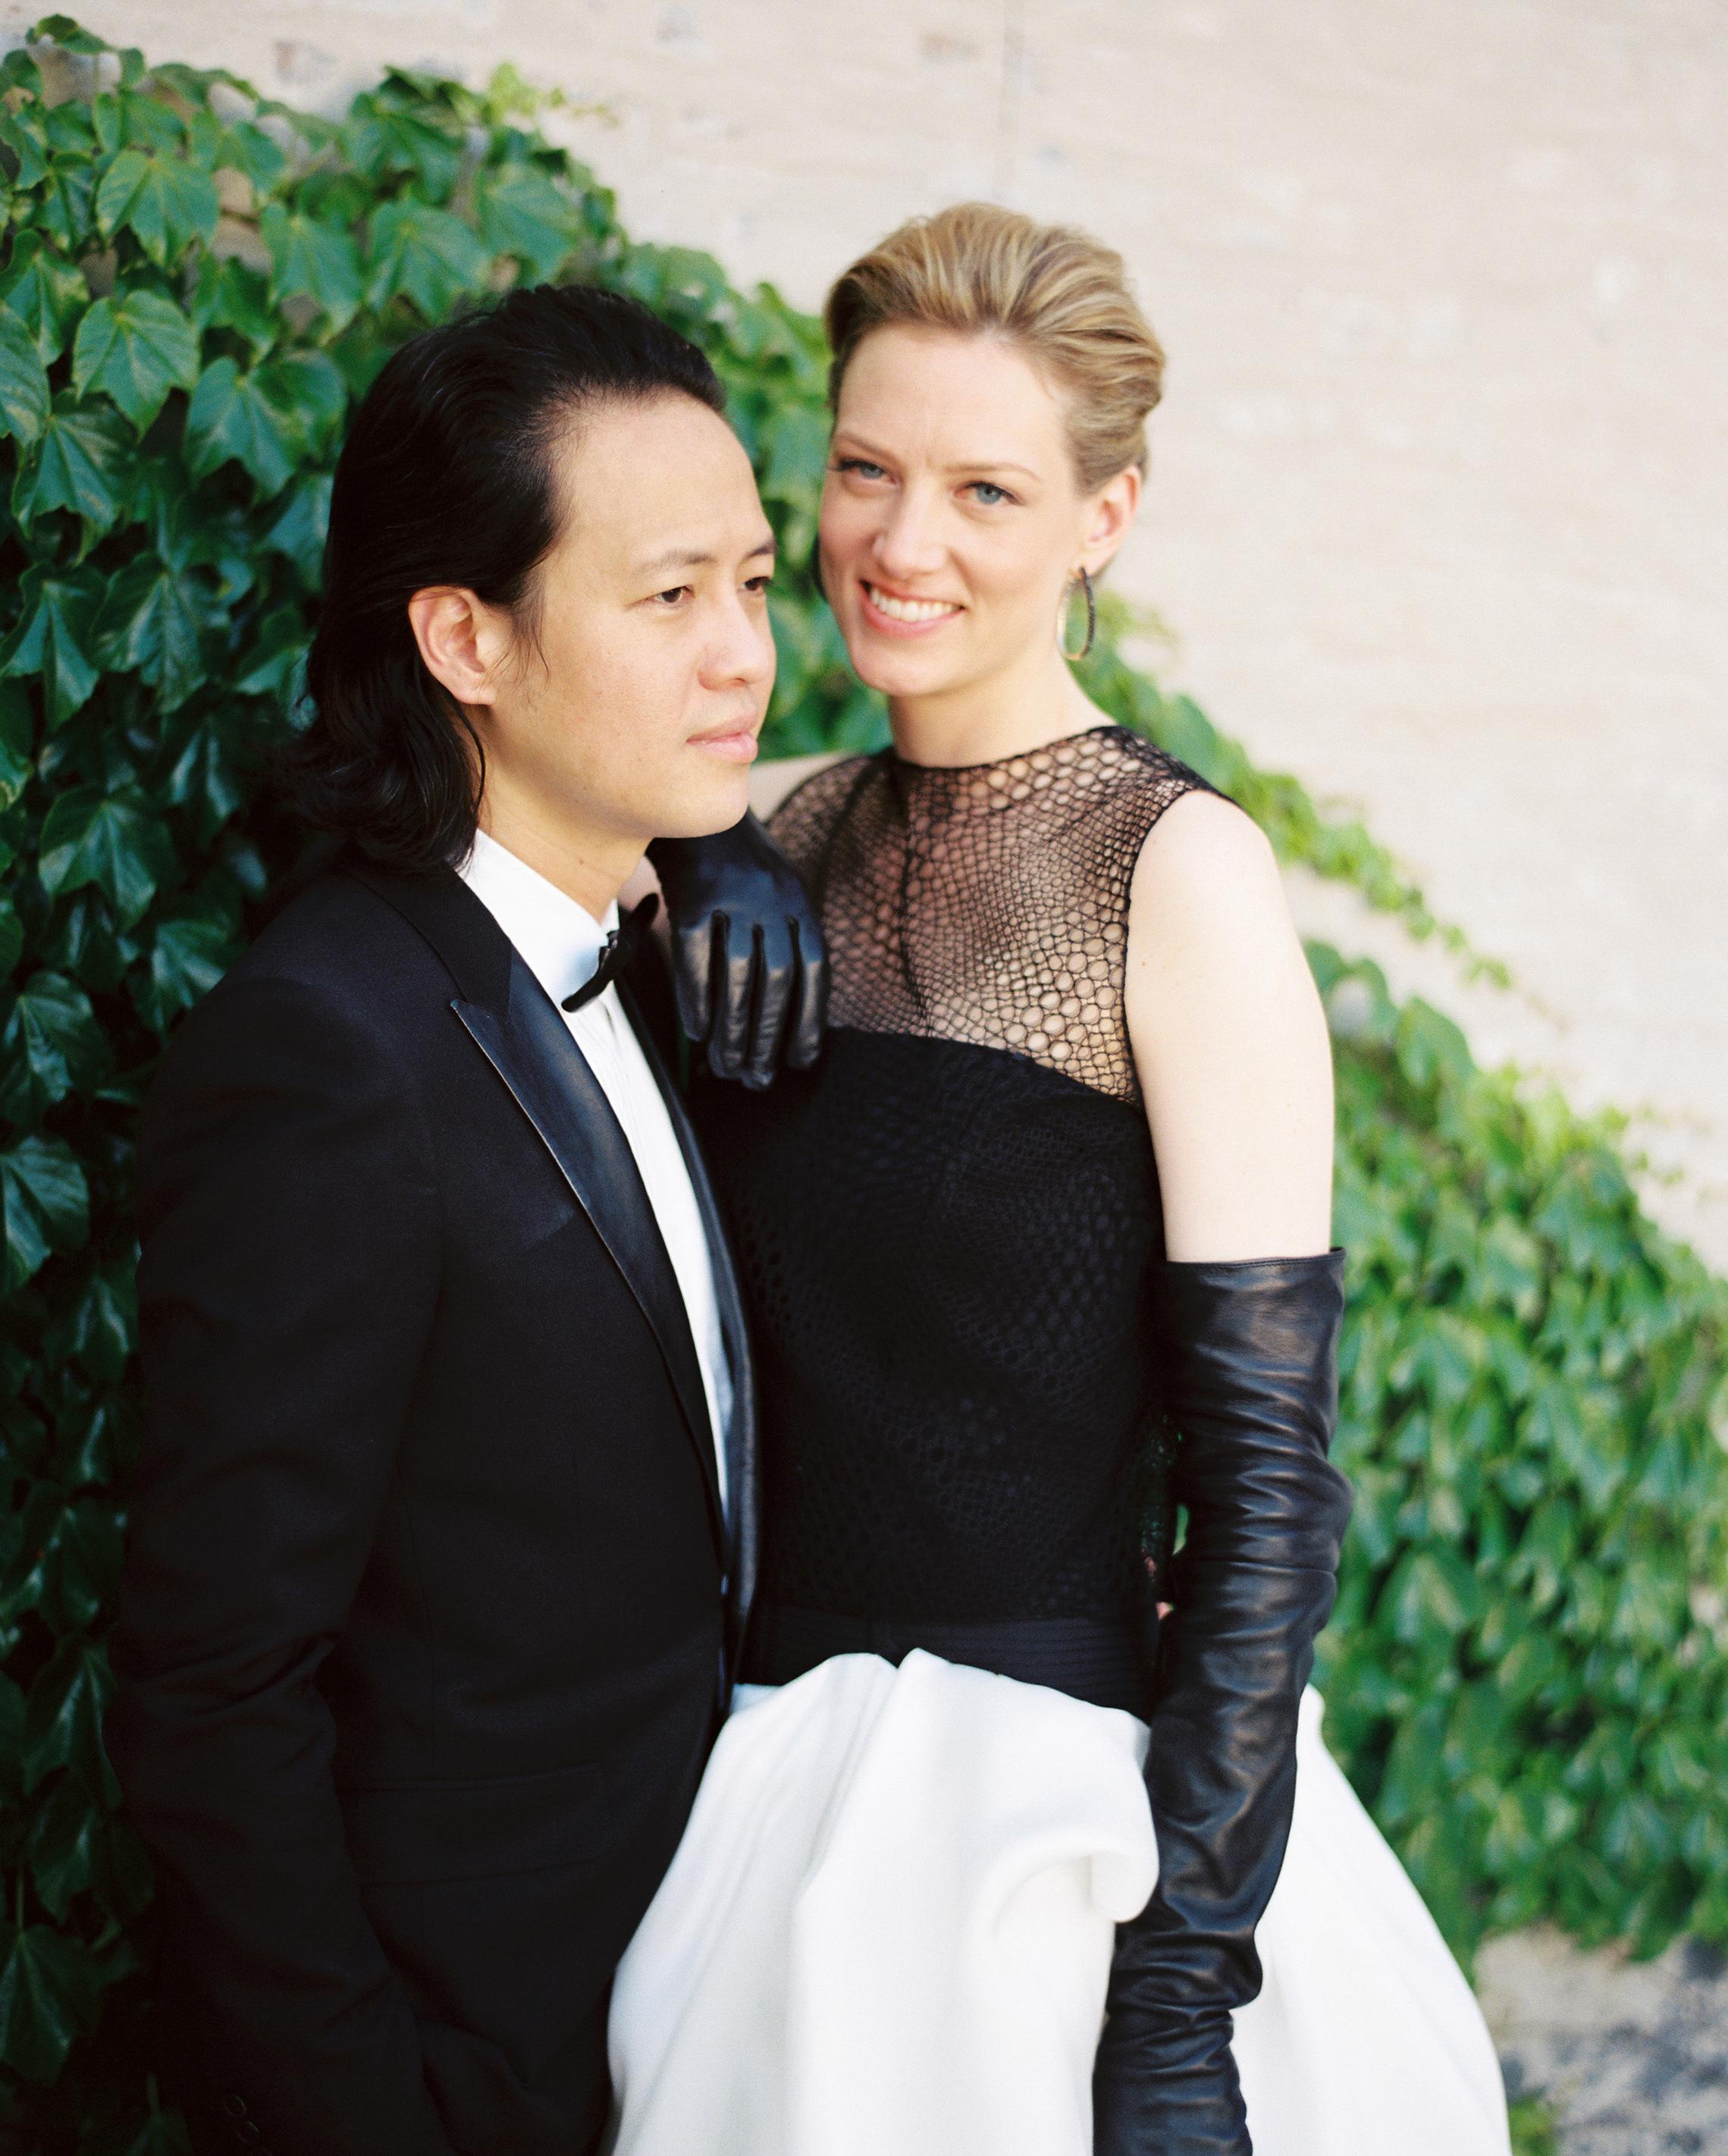 amy-sheldon-wedding-couple-0122-s112088-0815.jpg